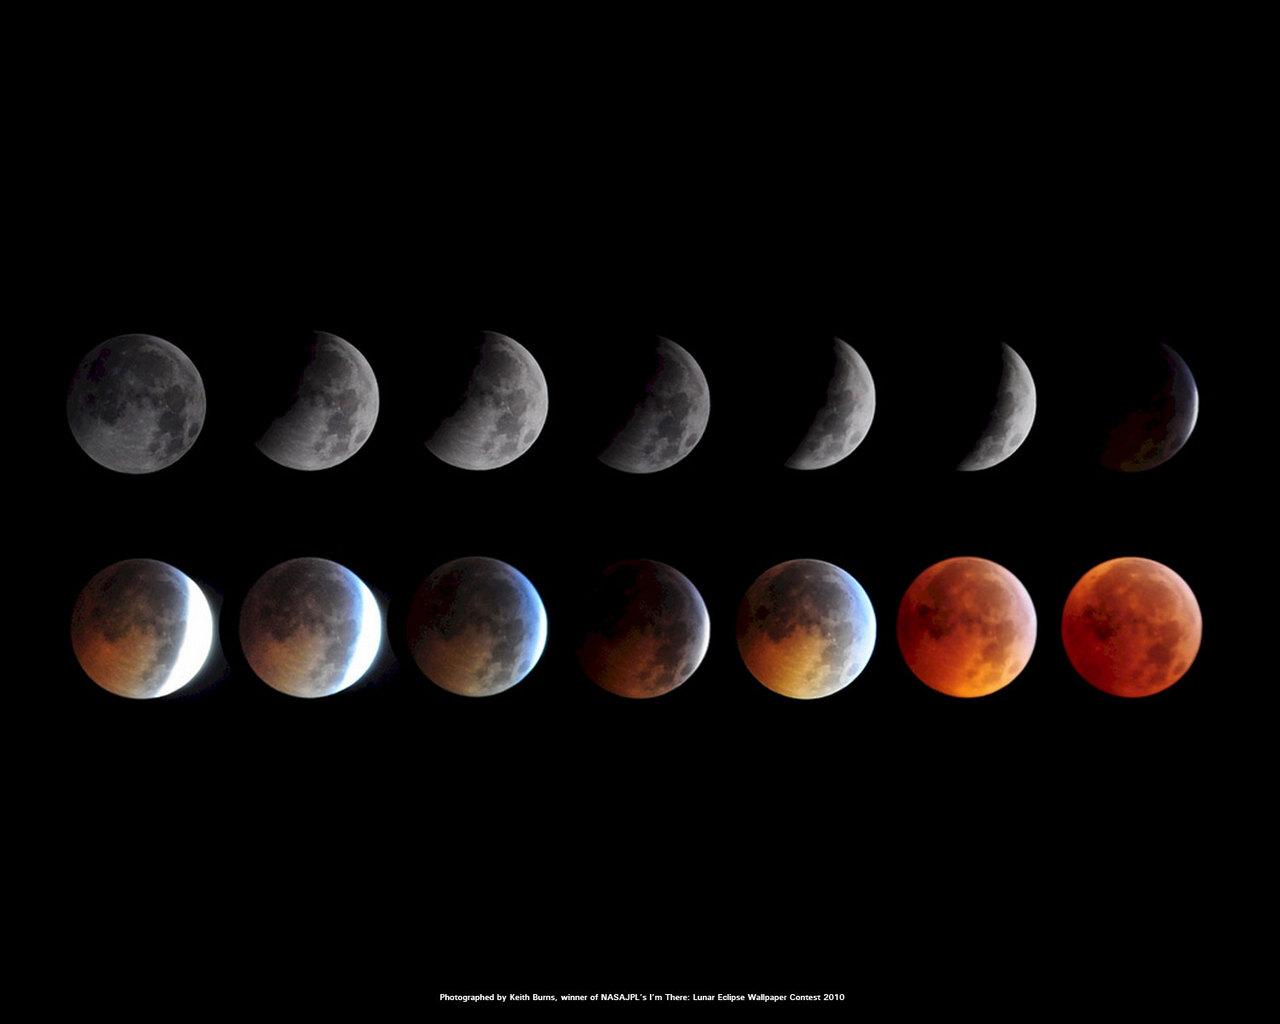 Ce montage d'images prises par le skywatcher Kieth Burns montre l'éclipse lunaire totale du 20 décembre 2010.  Les photos ont remporté un concours de la NASA pour devenir un fond d'écran officiel de la NASA / JPL pour le public.